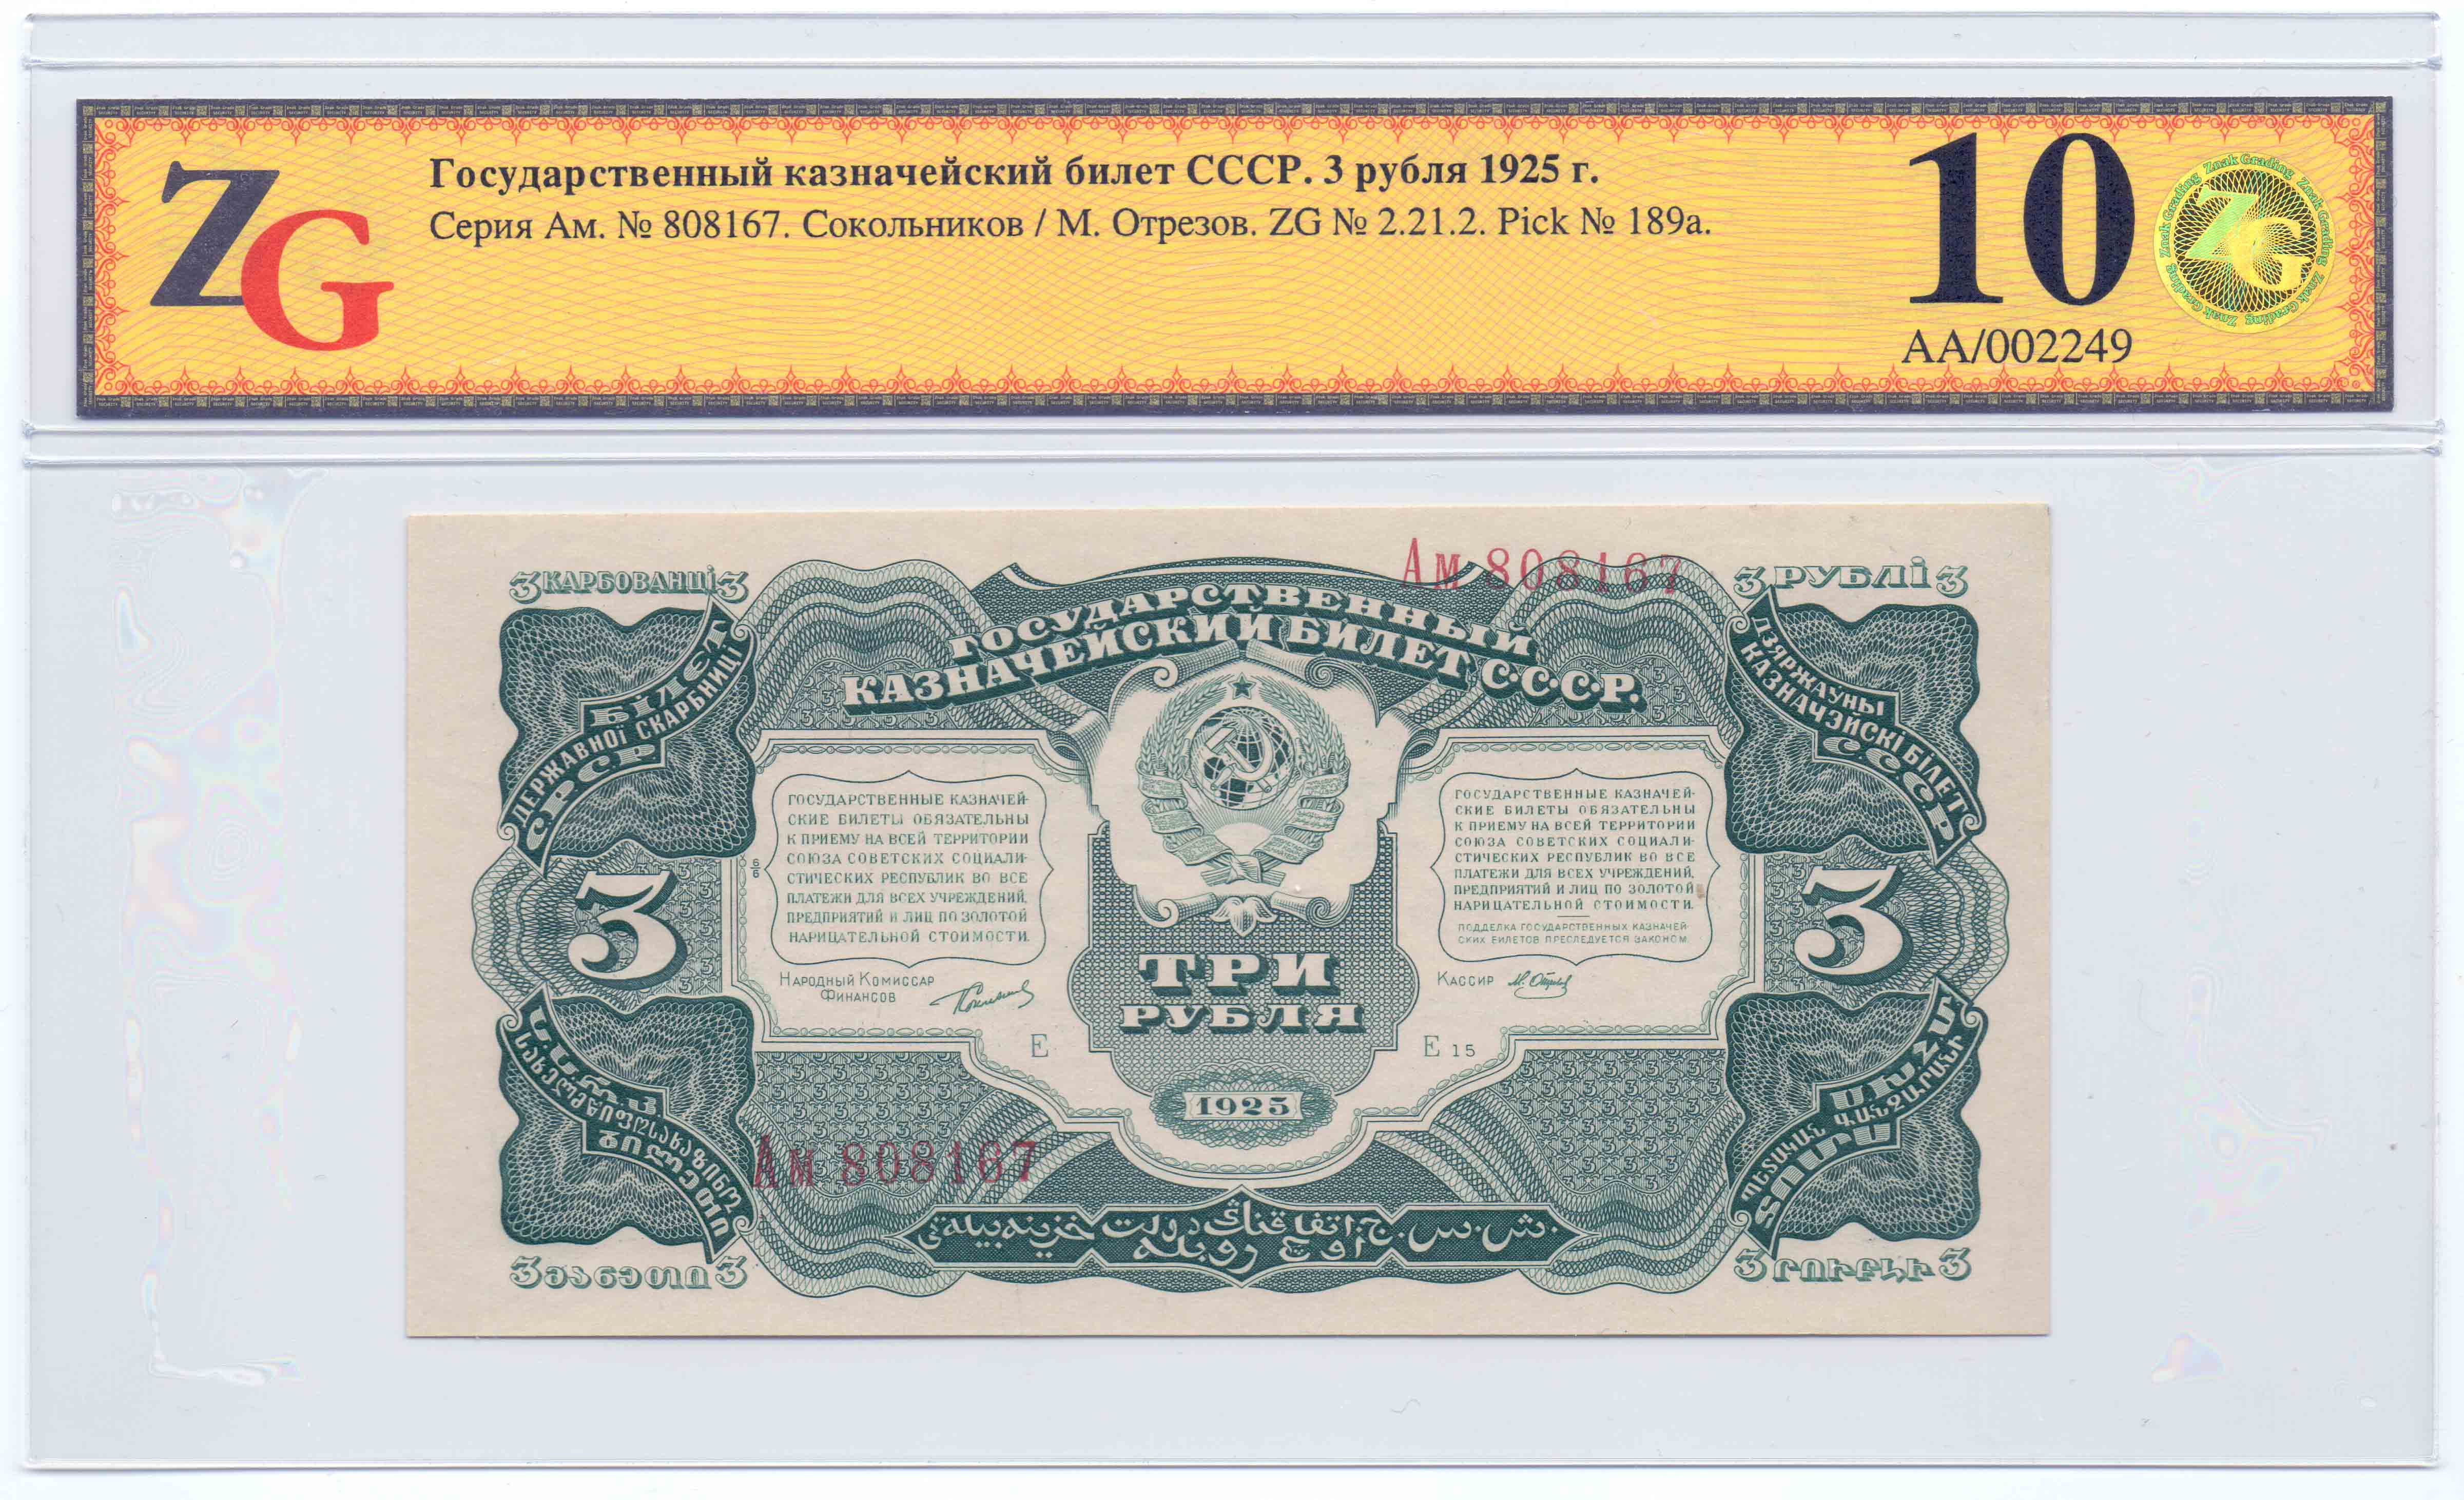 3 рубля  1925 г. Ам 808167 ZG № 2.21.2. 66 GUnc Pick.189a